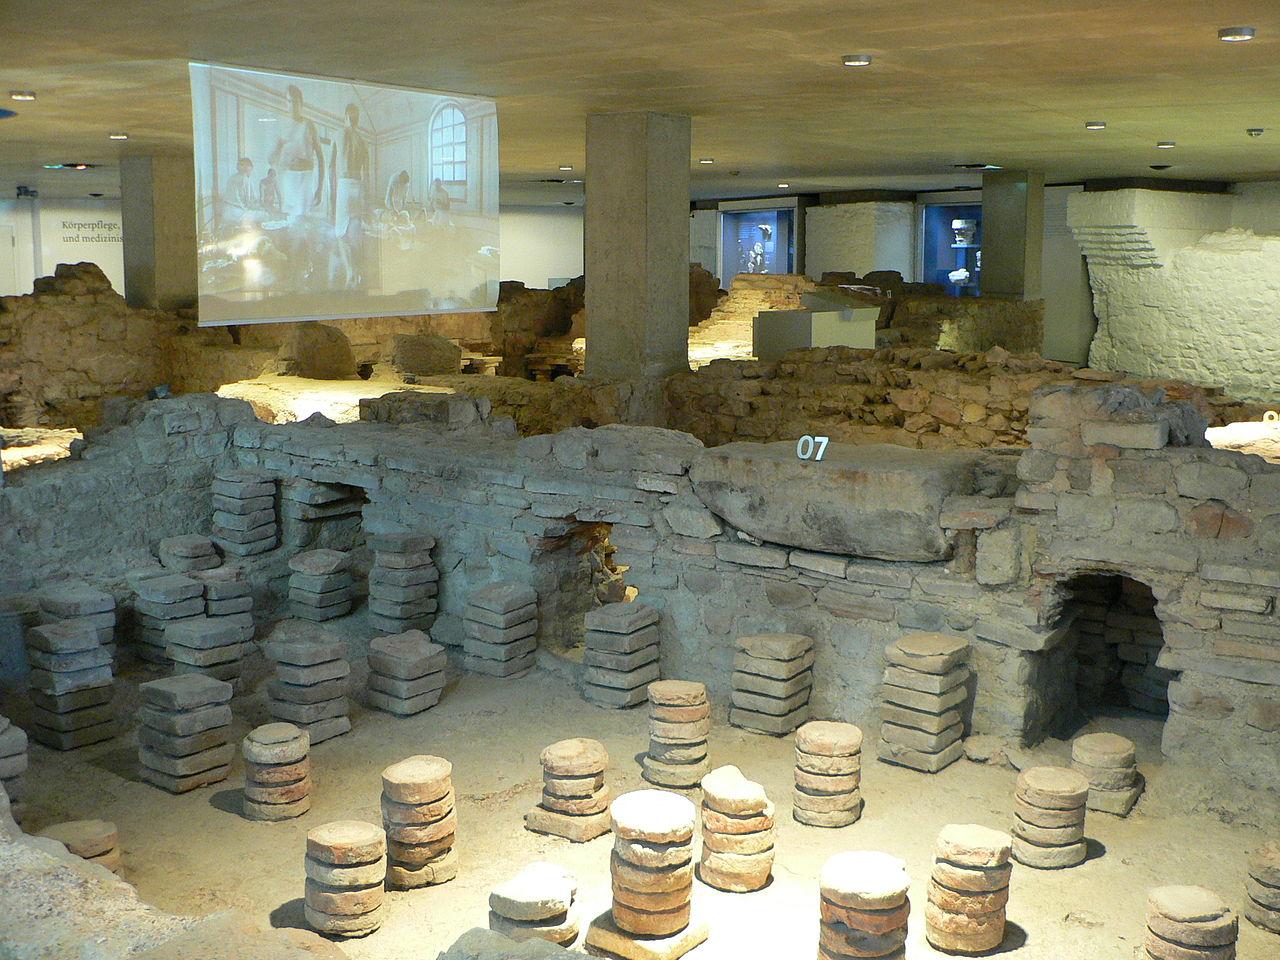 Bild Römerthermen Museum der Badekultur Zülpich